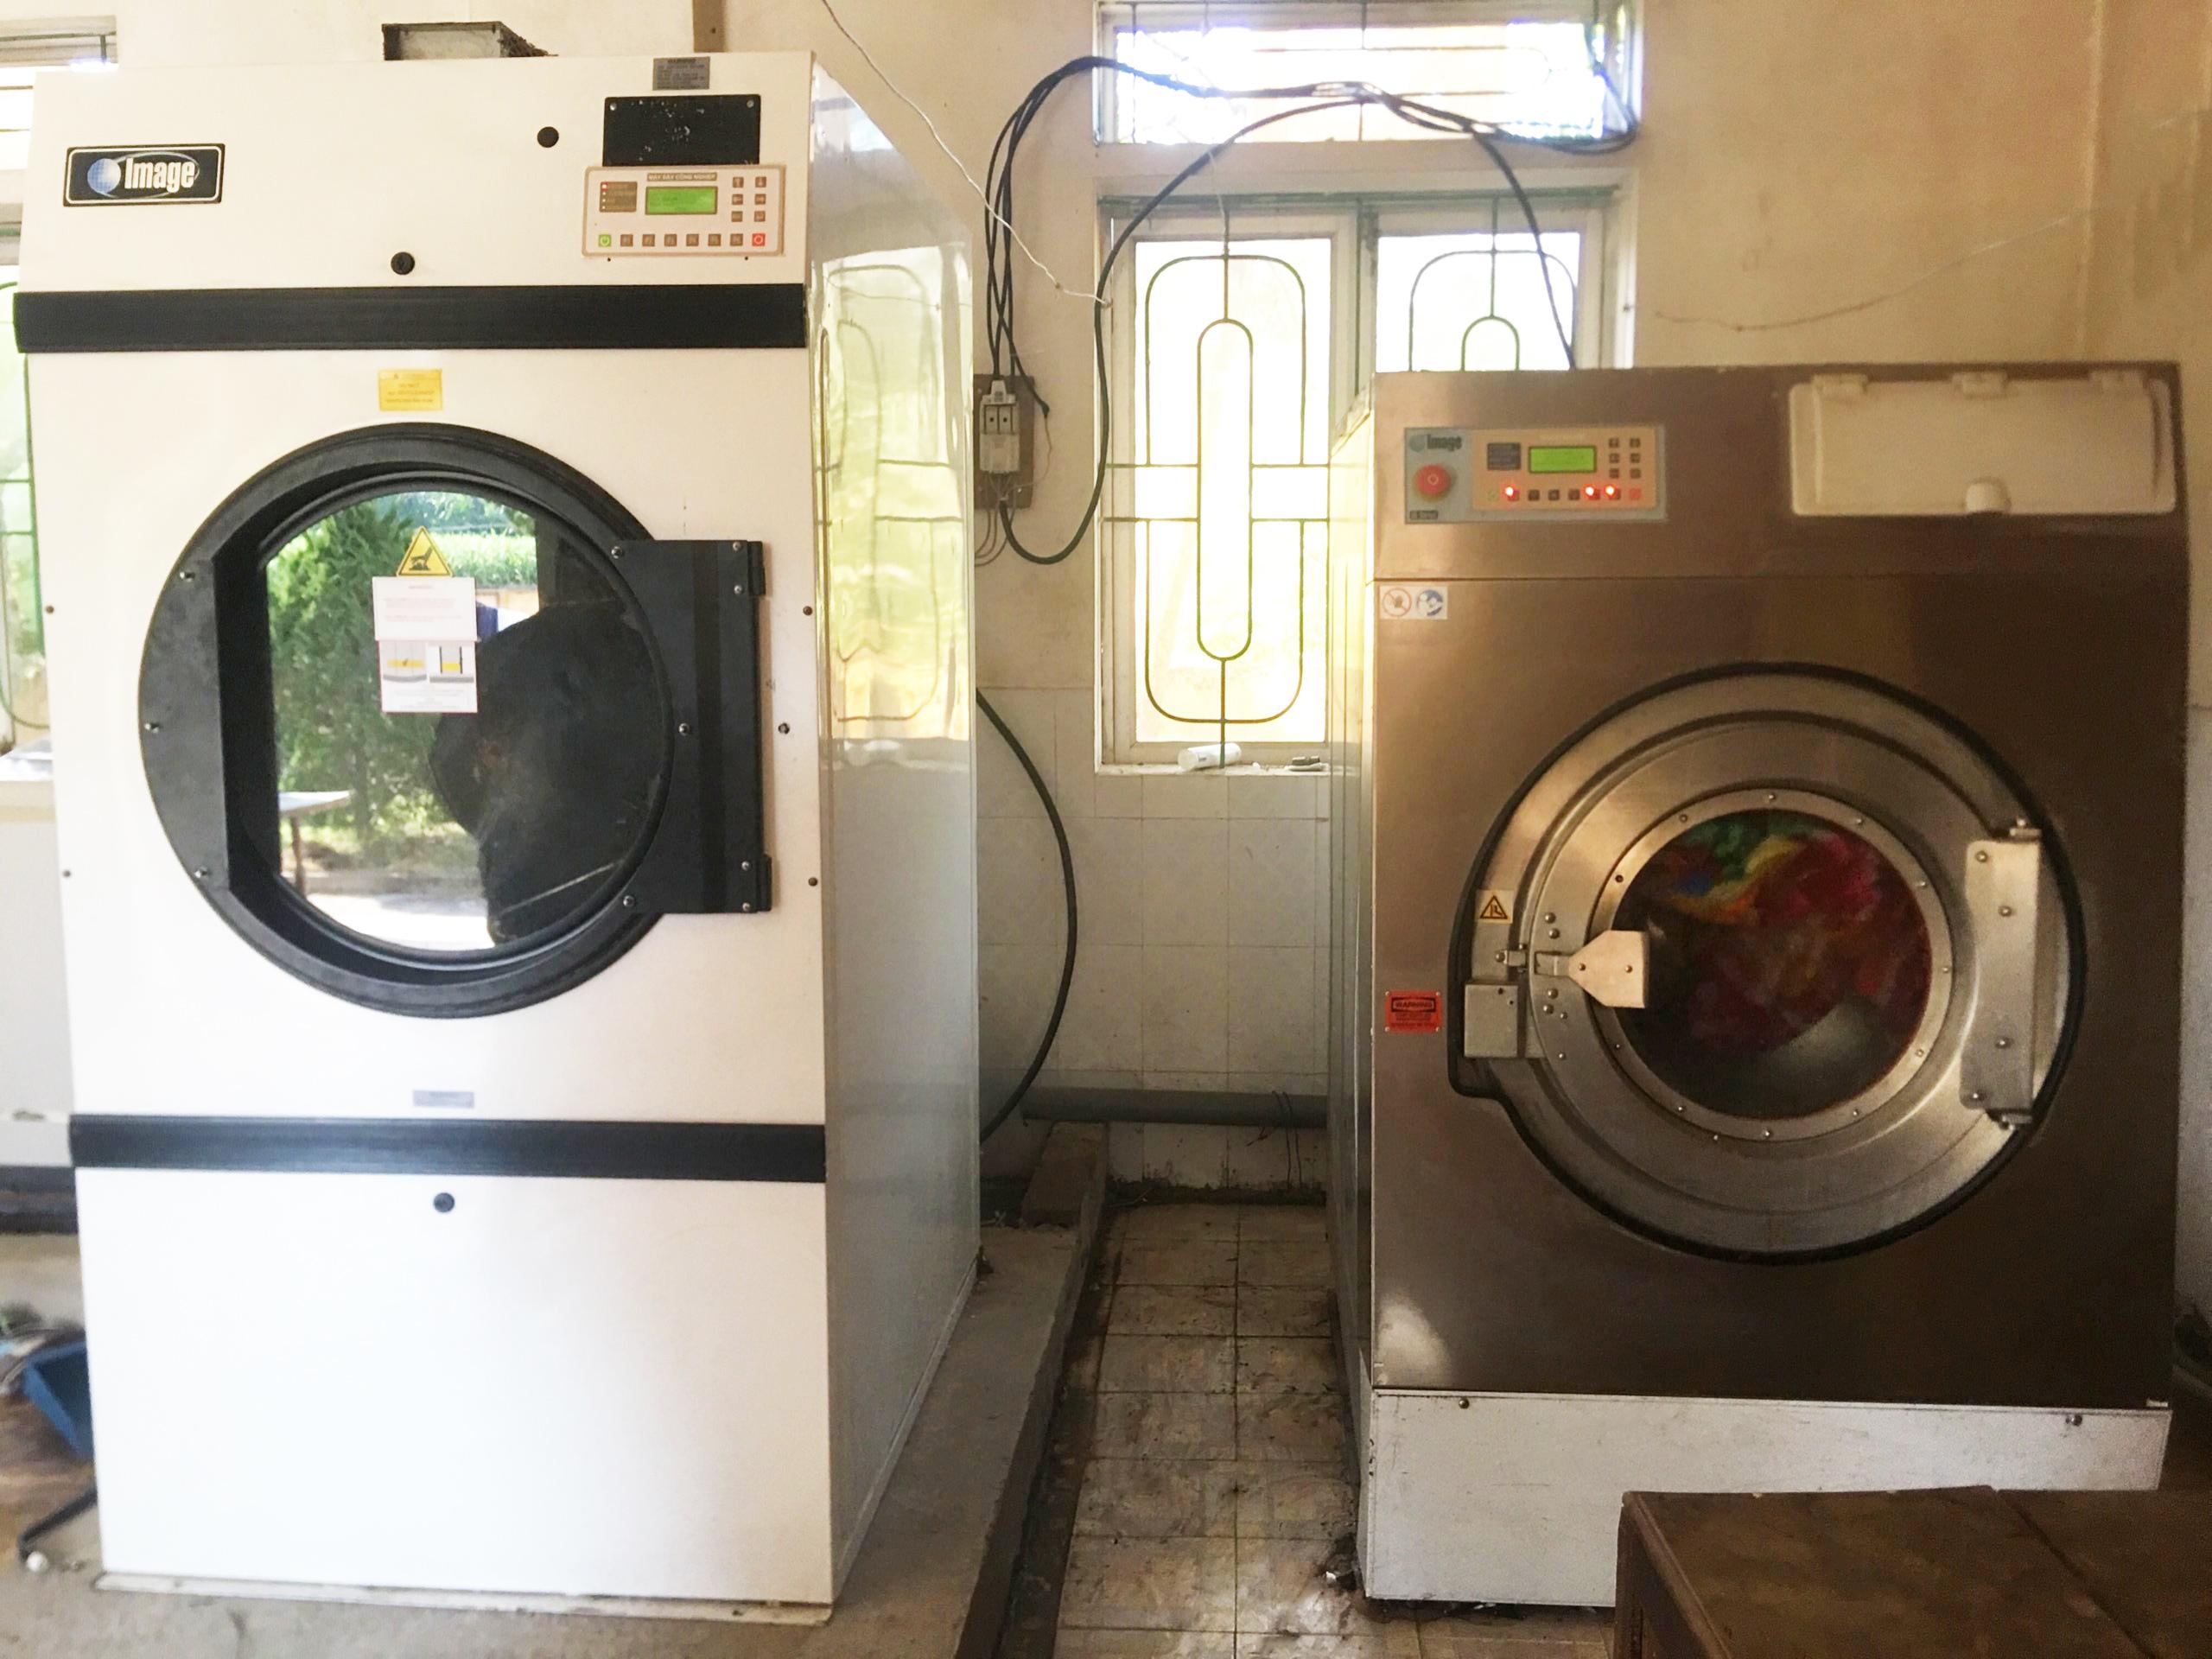 Sửa chữa mạch máy giặt công nghiệp Image HE 60